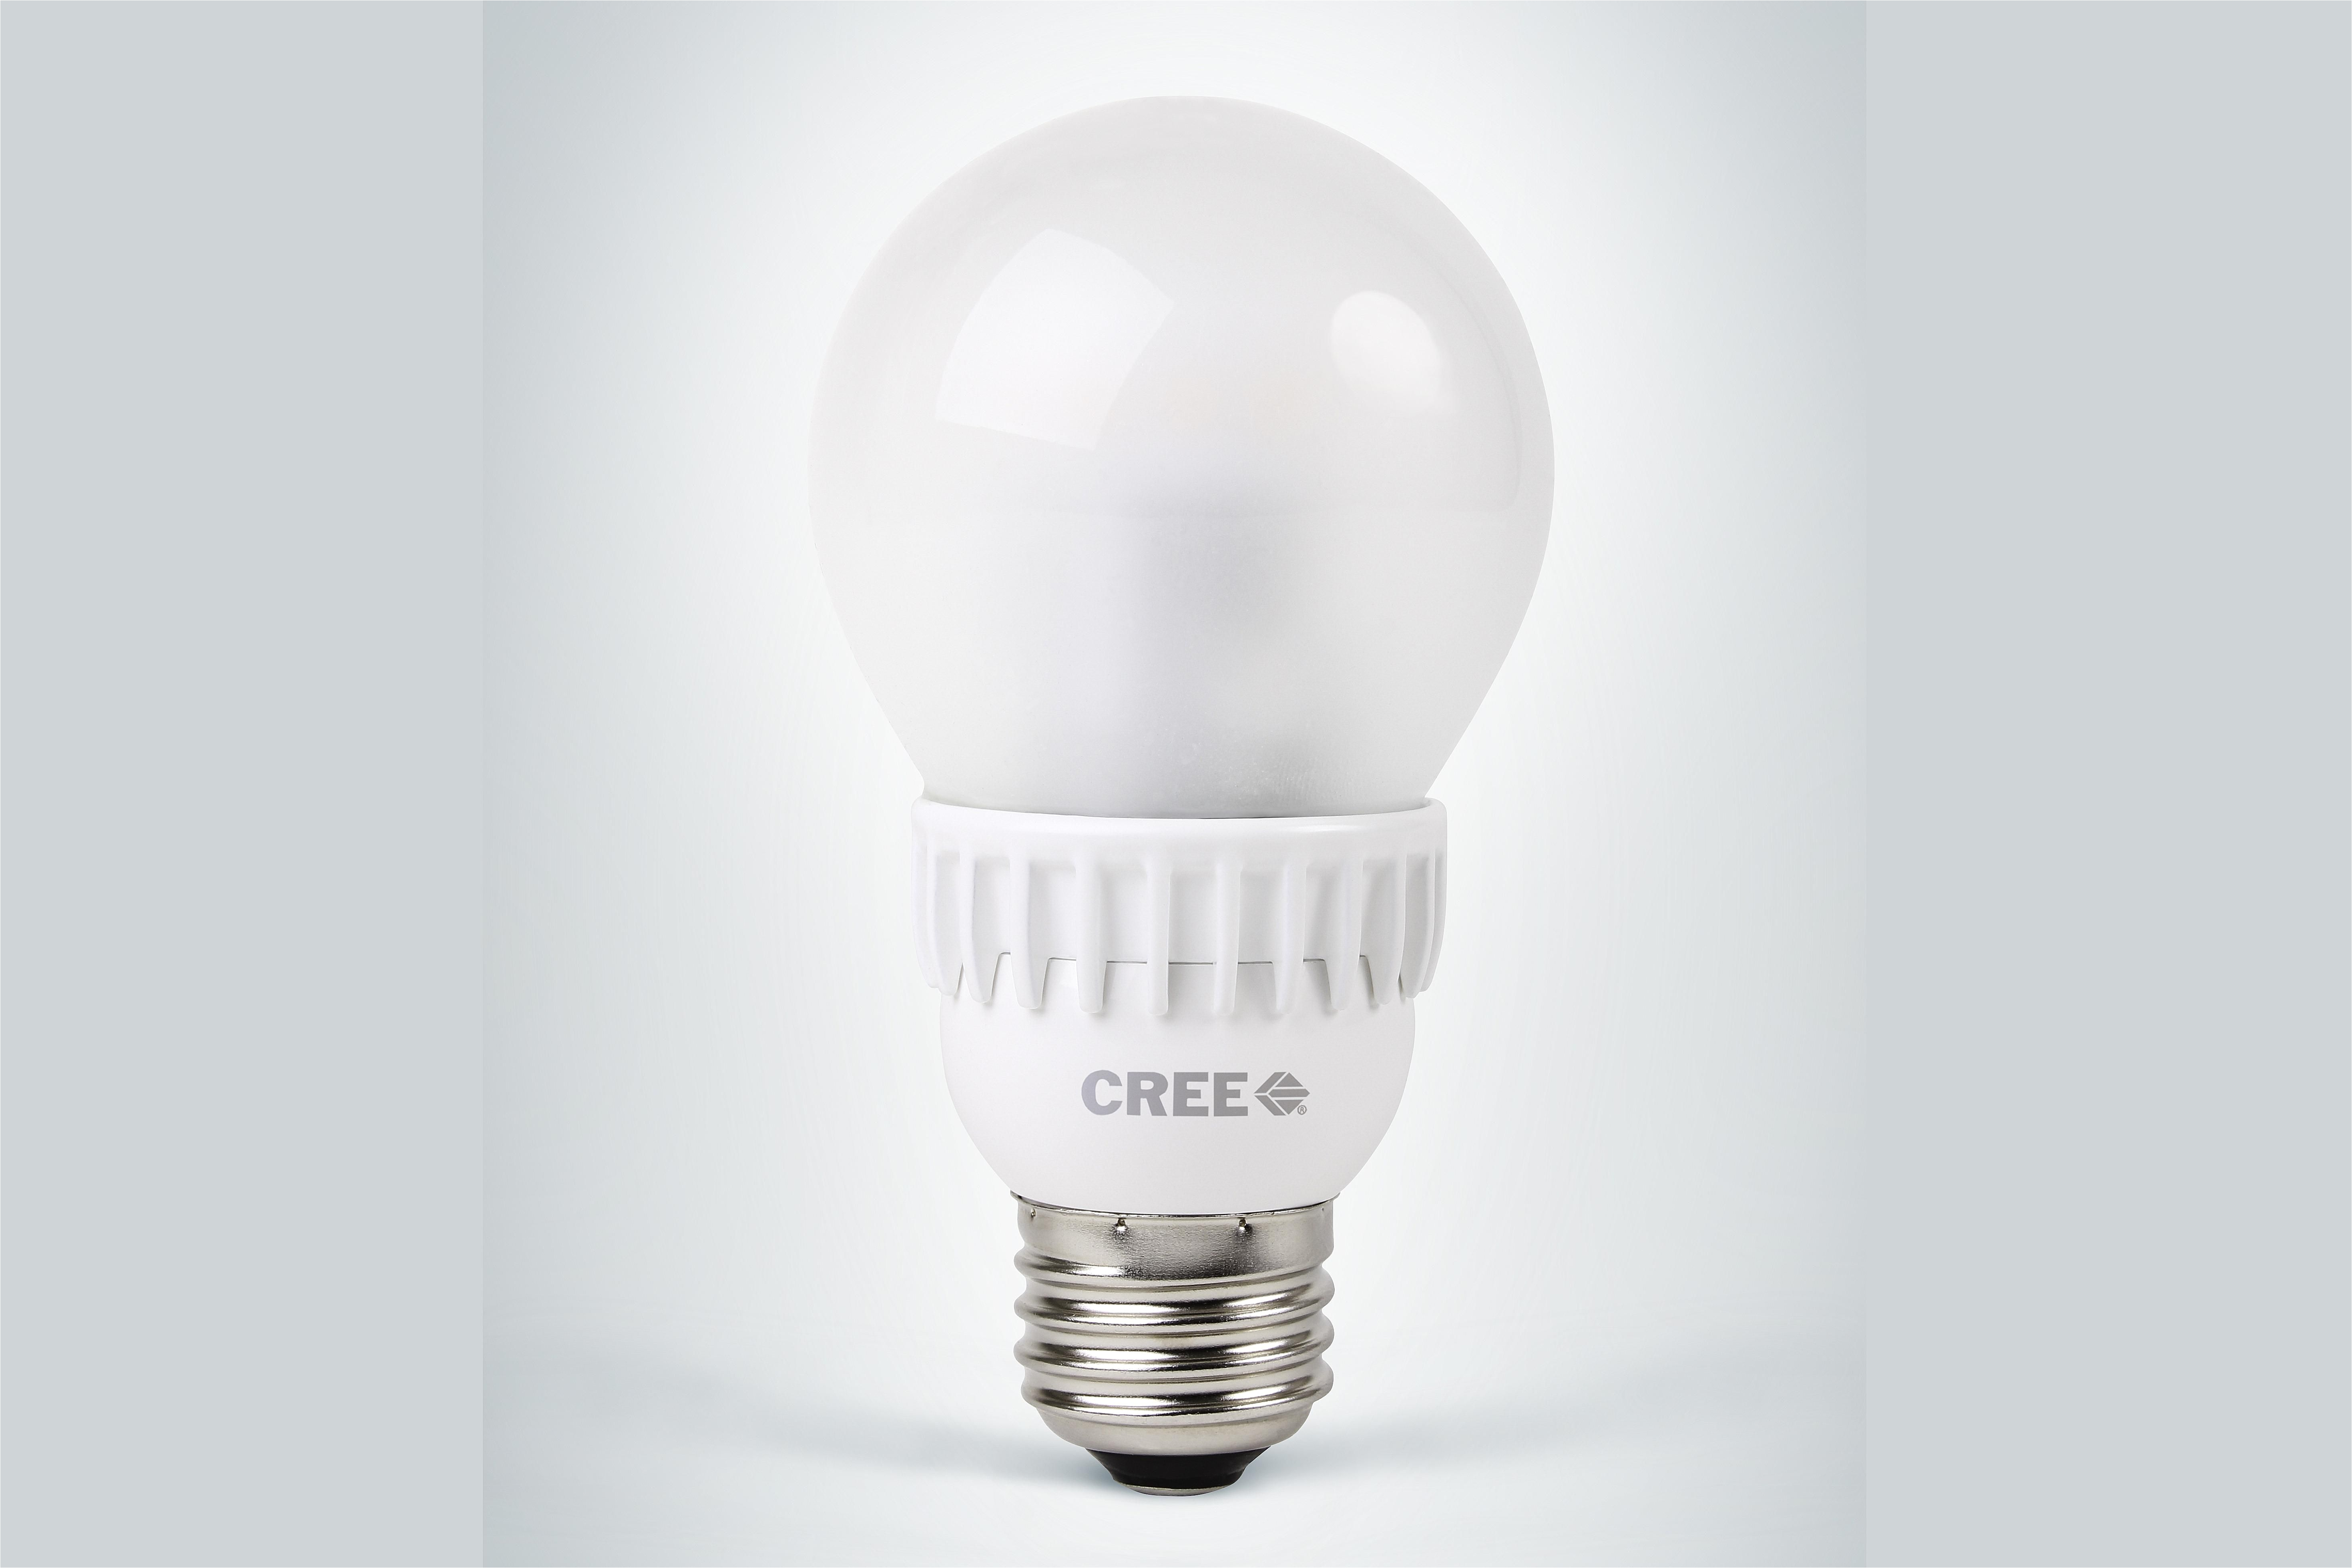 cree a19 led 40 or 60 bulb ls 58a4ba535f9b58a3c91fe342